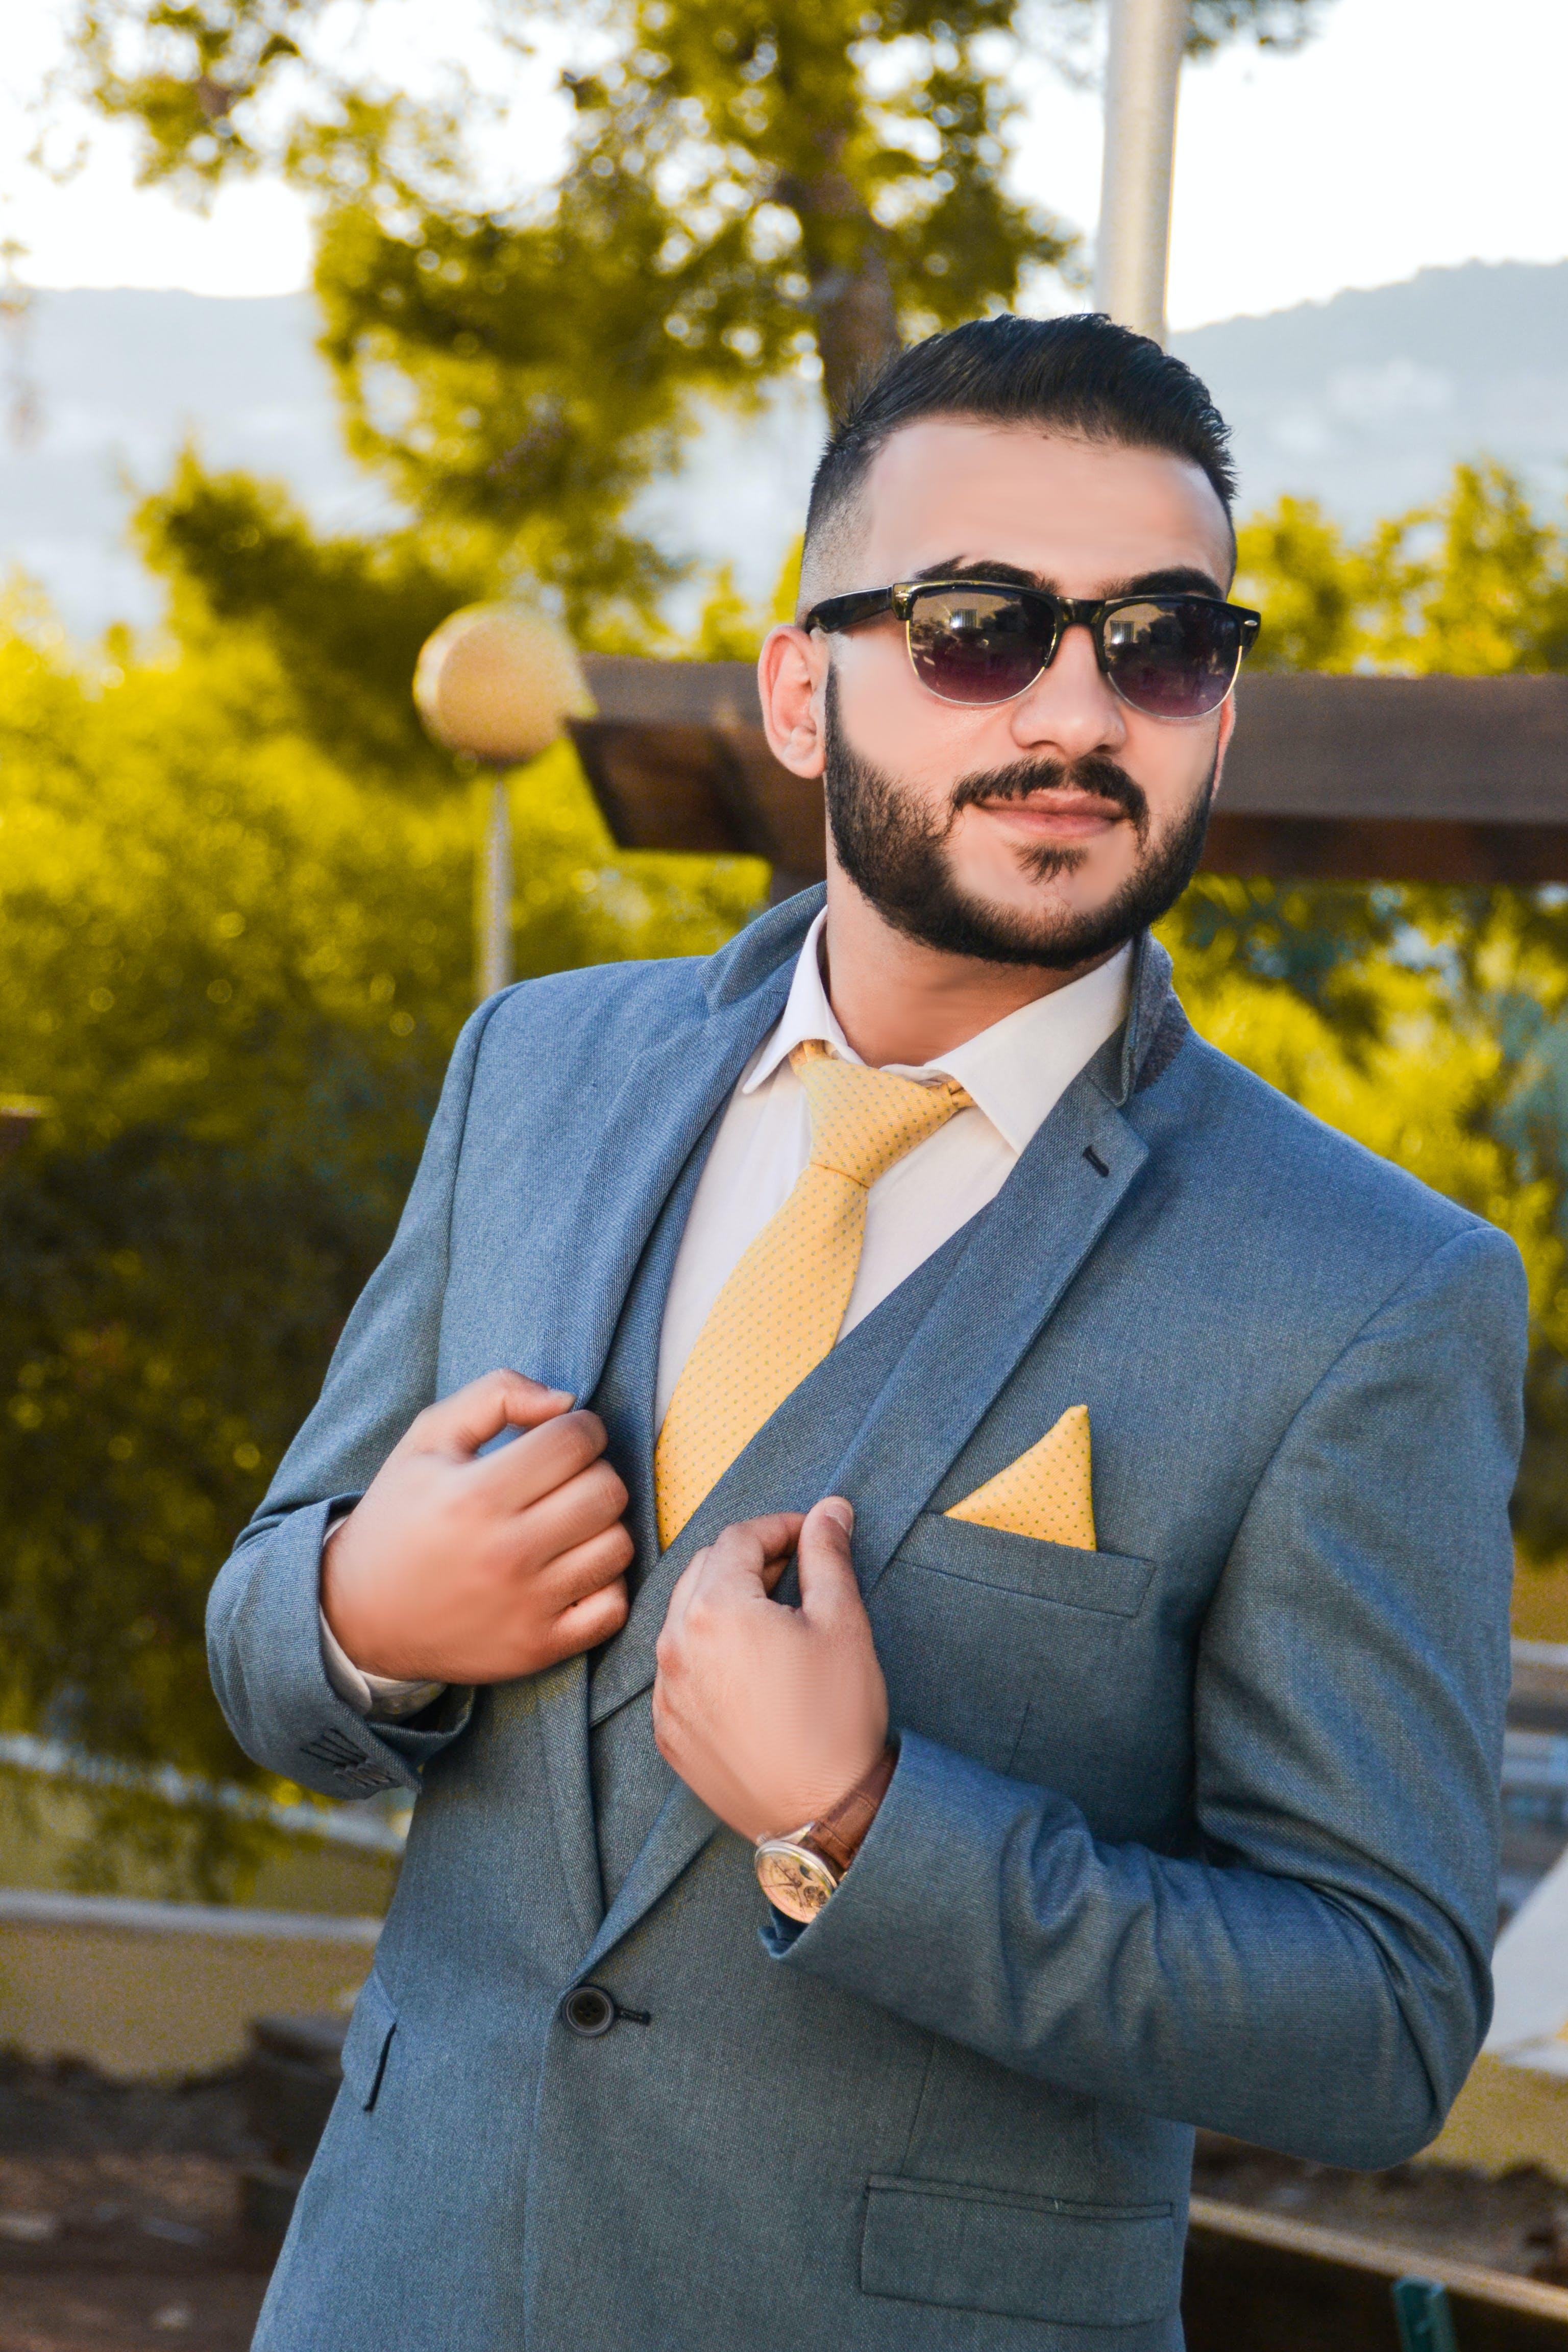 Kostenloses Stock Foto zu fashion, formalen mantel, gesichtsausdruck, gesichtsbehaarung